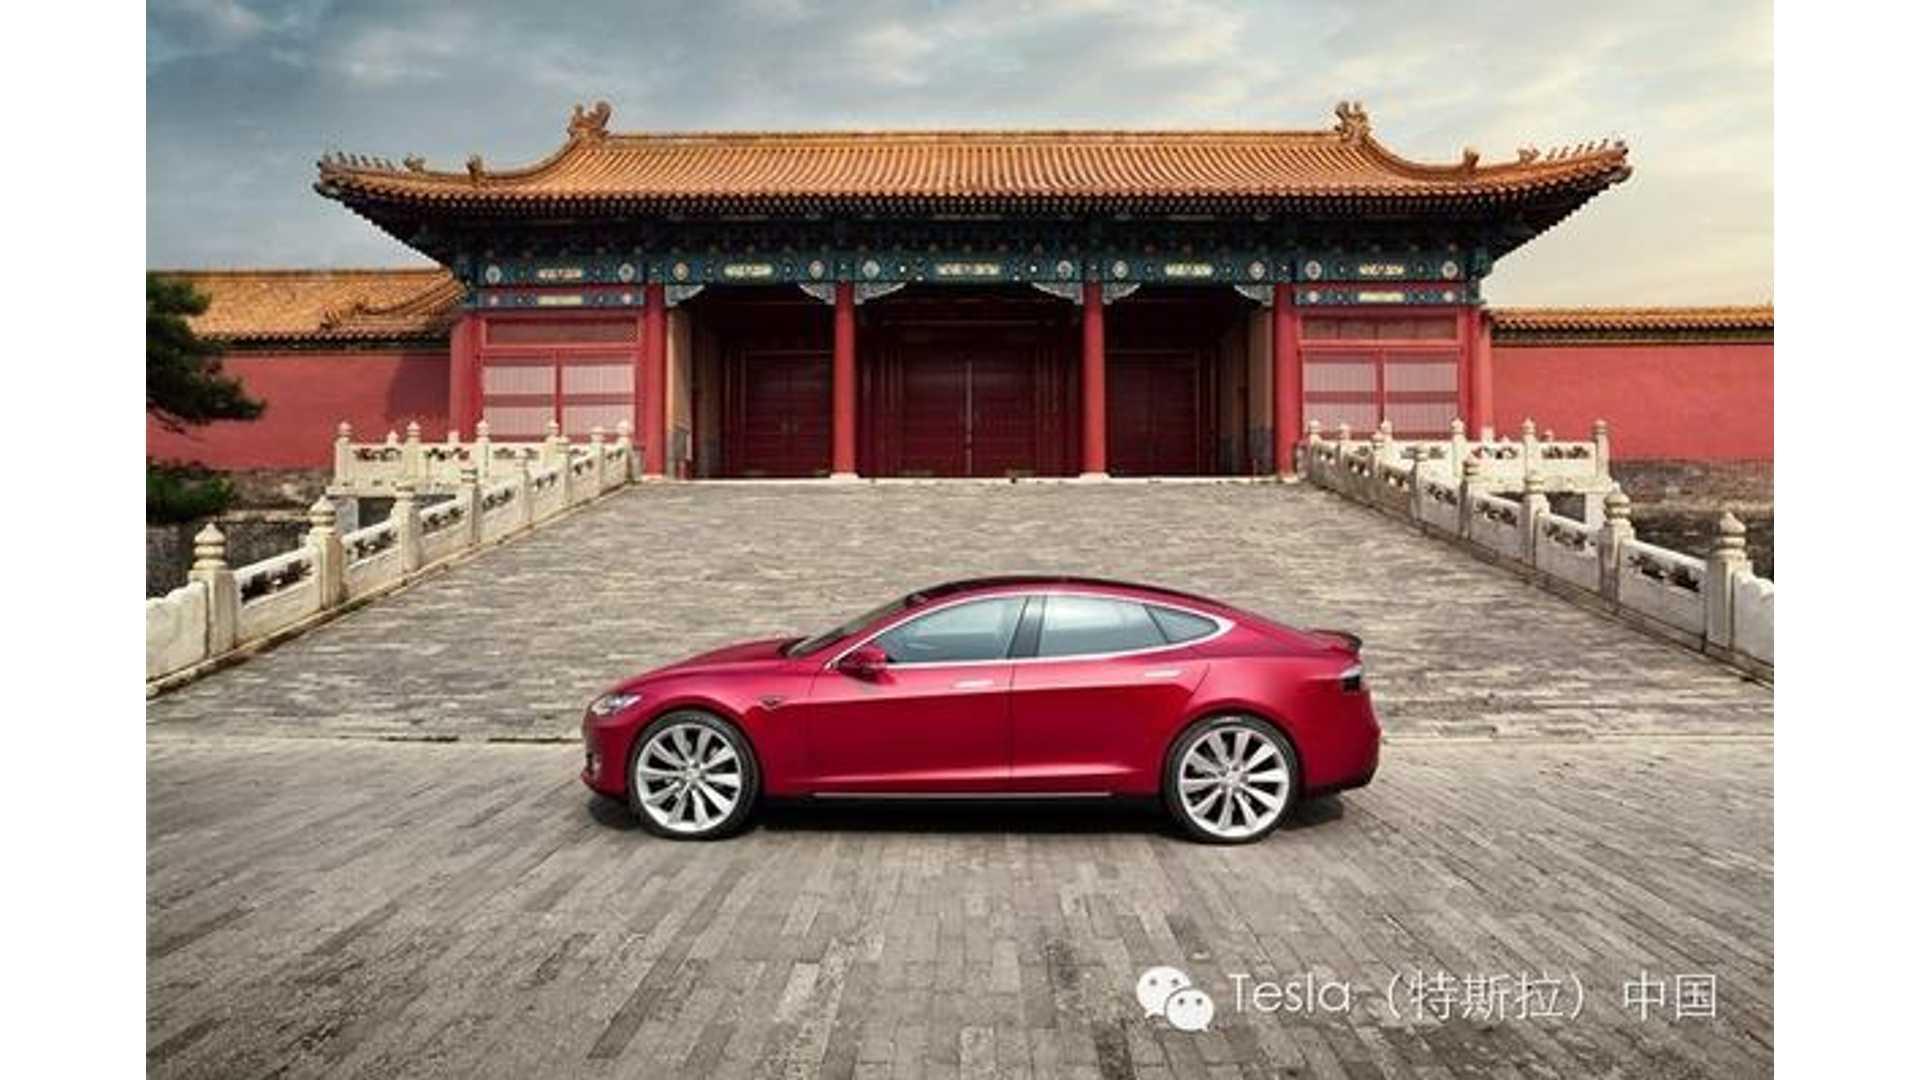 Тесла Просил, Никто К Конструкции Компактную Модель Для Китая